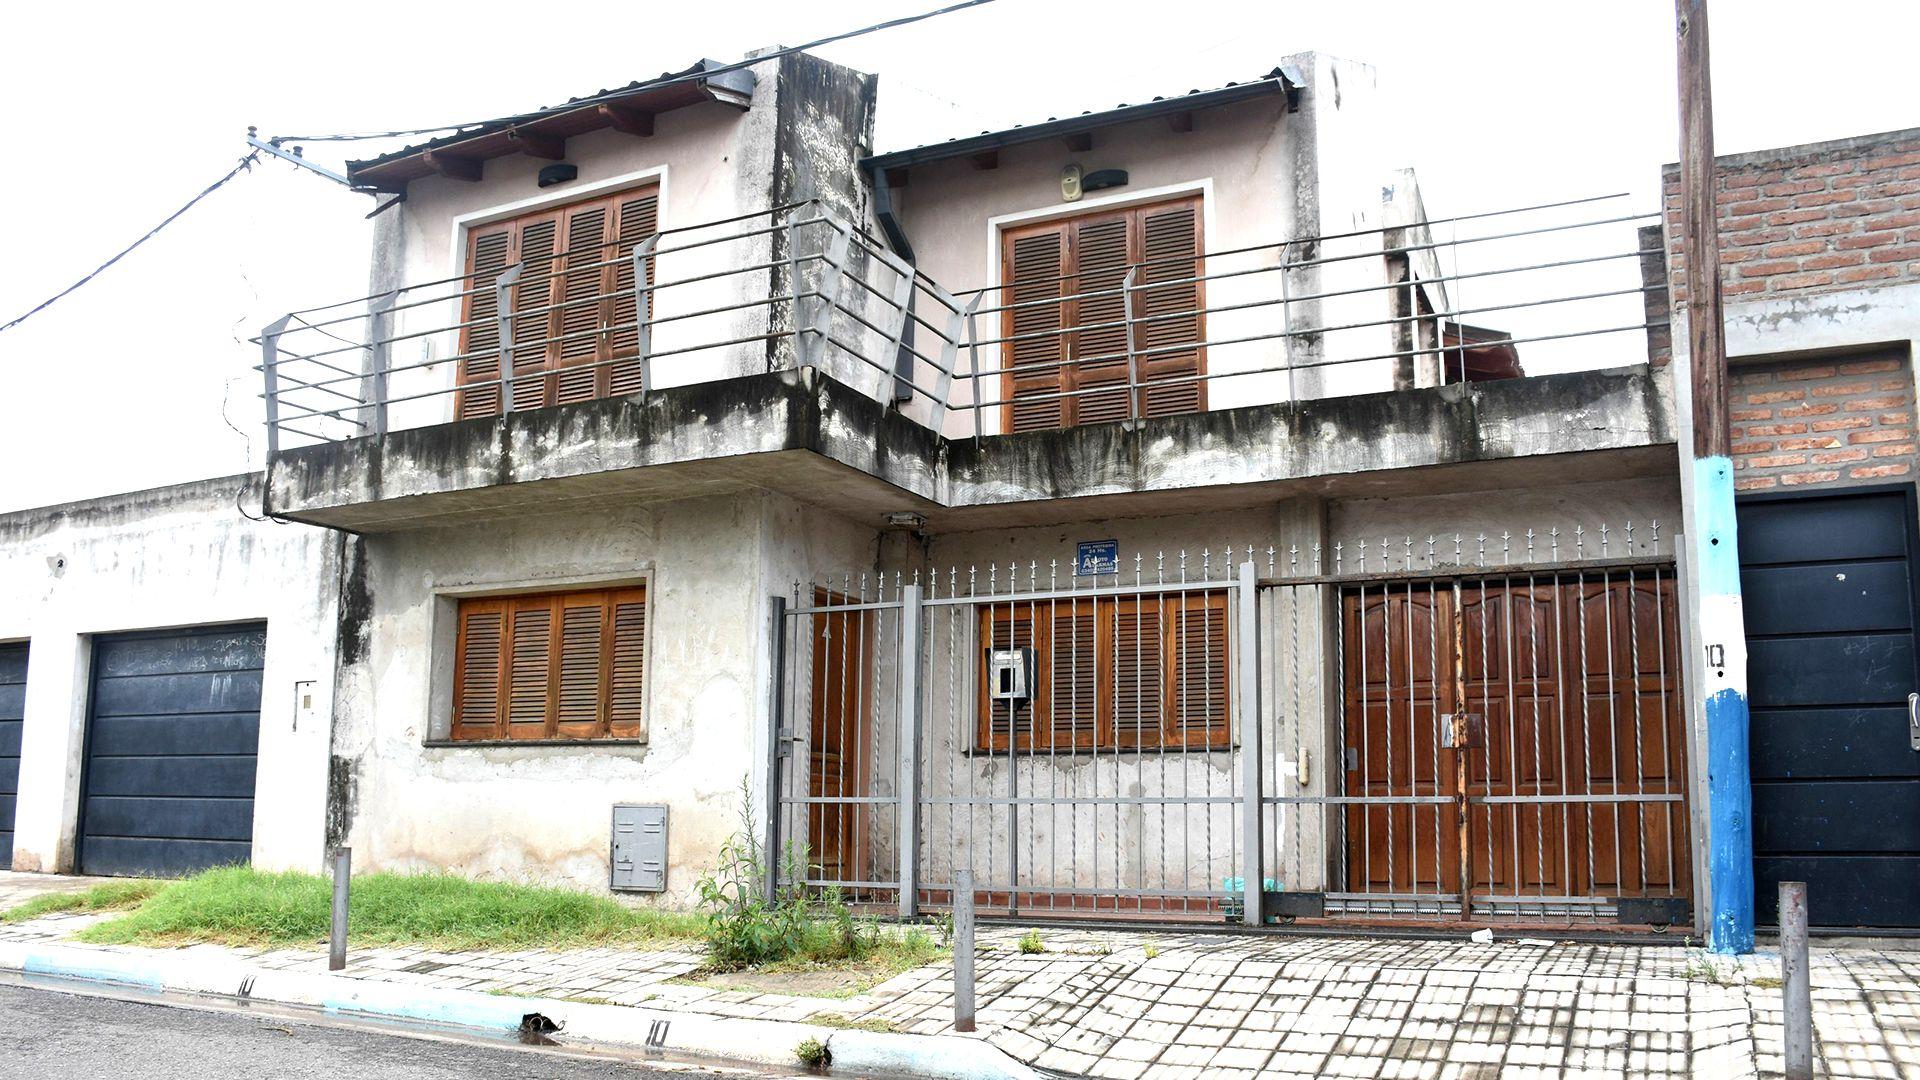 La casa donde vivían los Messi está deshabitada. Con sus dos plantas, sus rejas y ventanas cerradas, el paso del tiempo se nota en las paredes. (Leo Galletto)